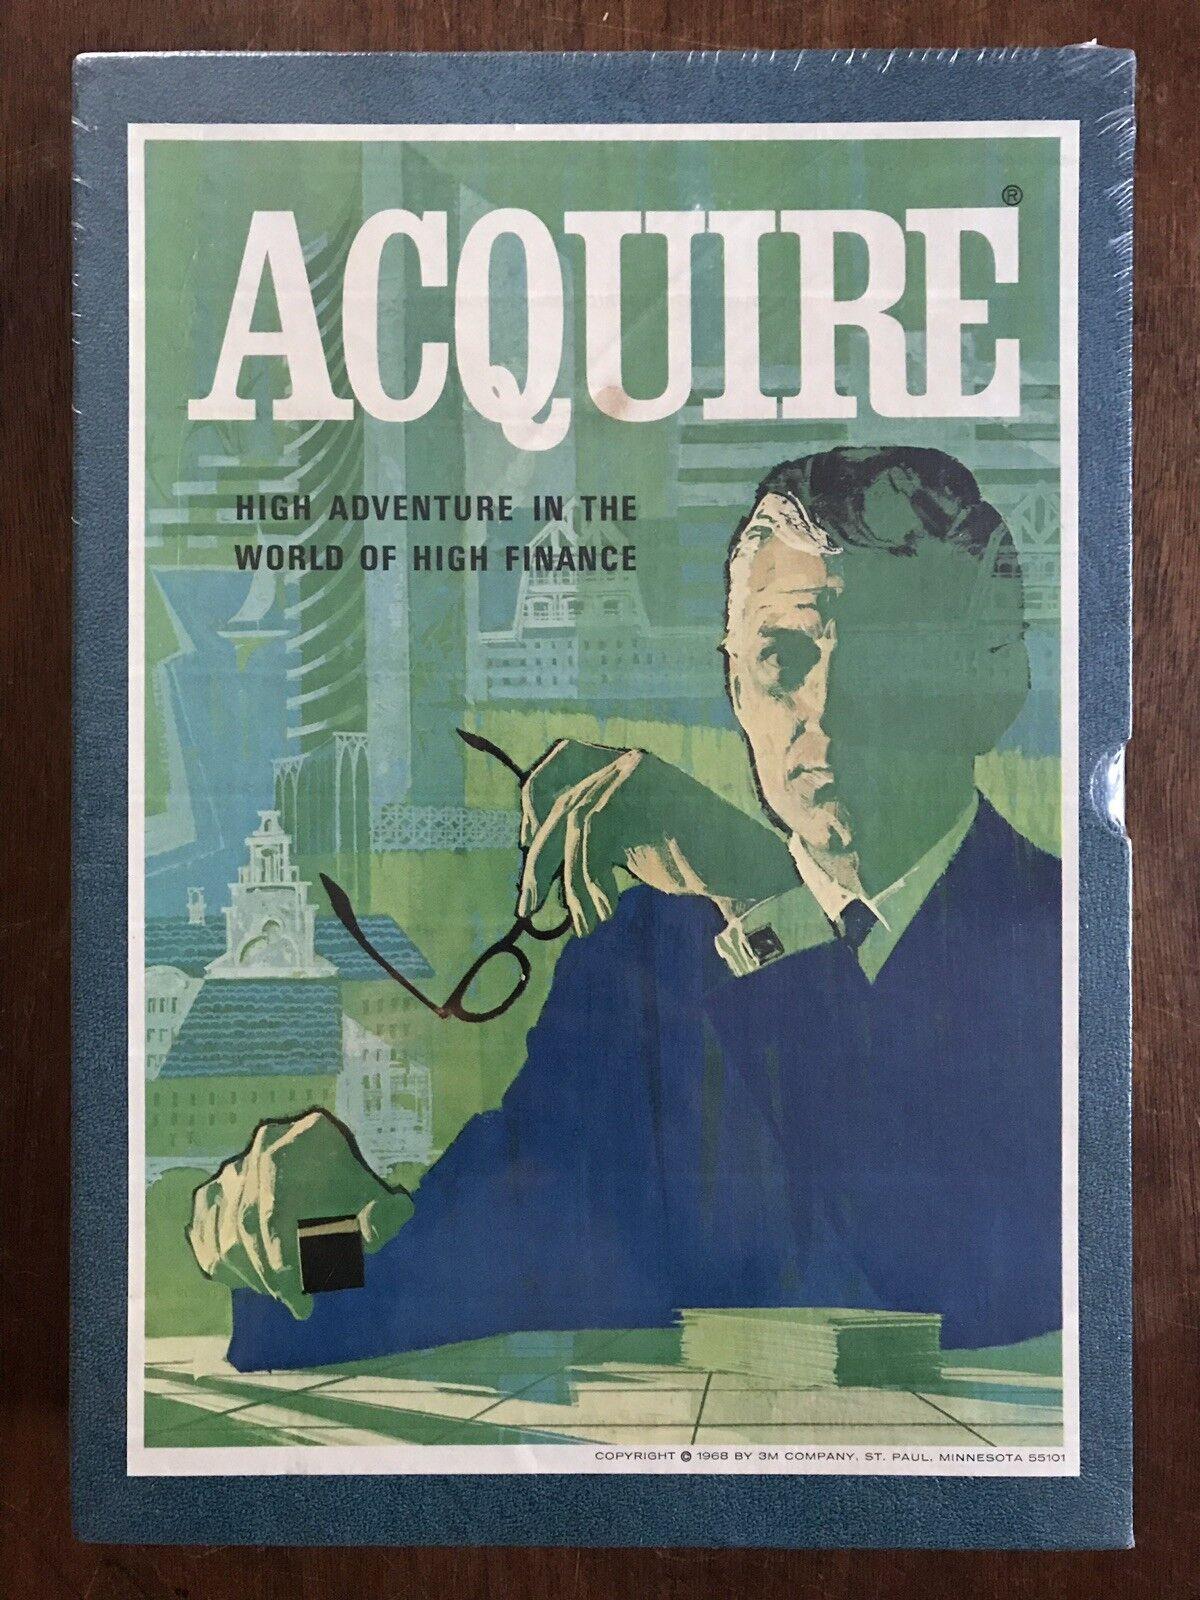 Board Game, Acquire, 3M, 1968